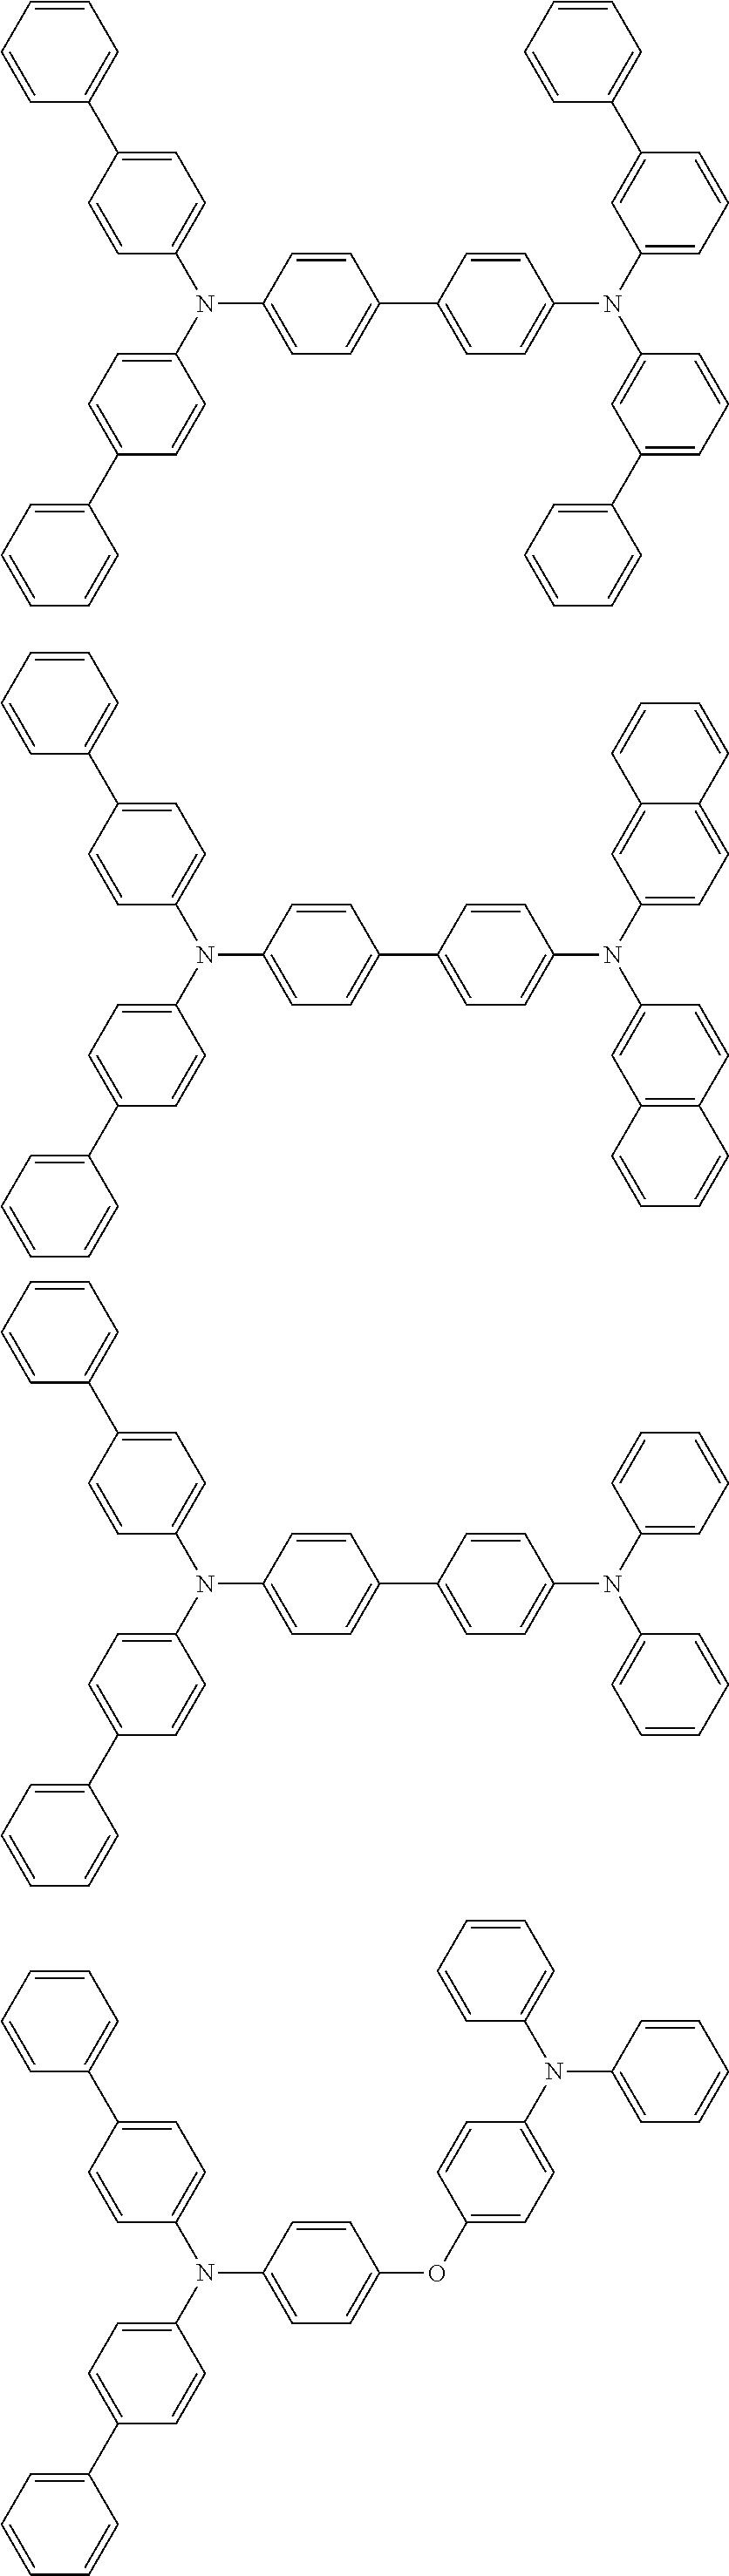 Figure US09837615-20171205-C00121